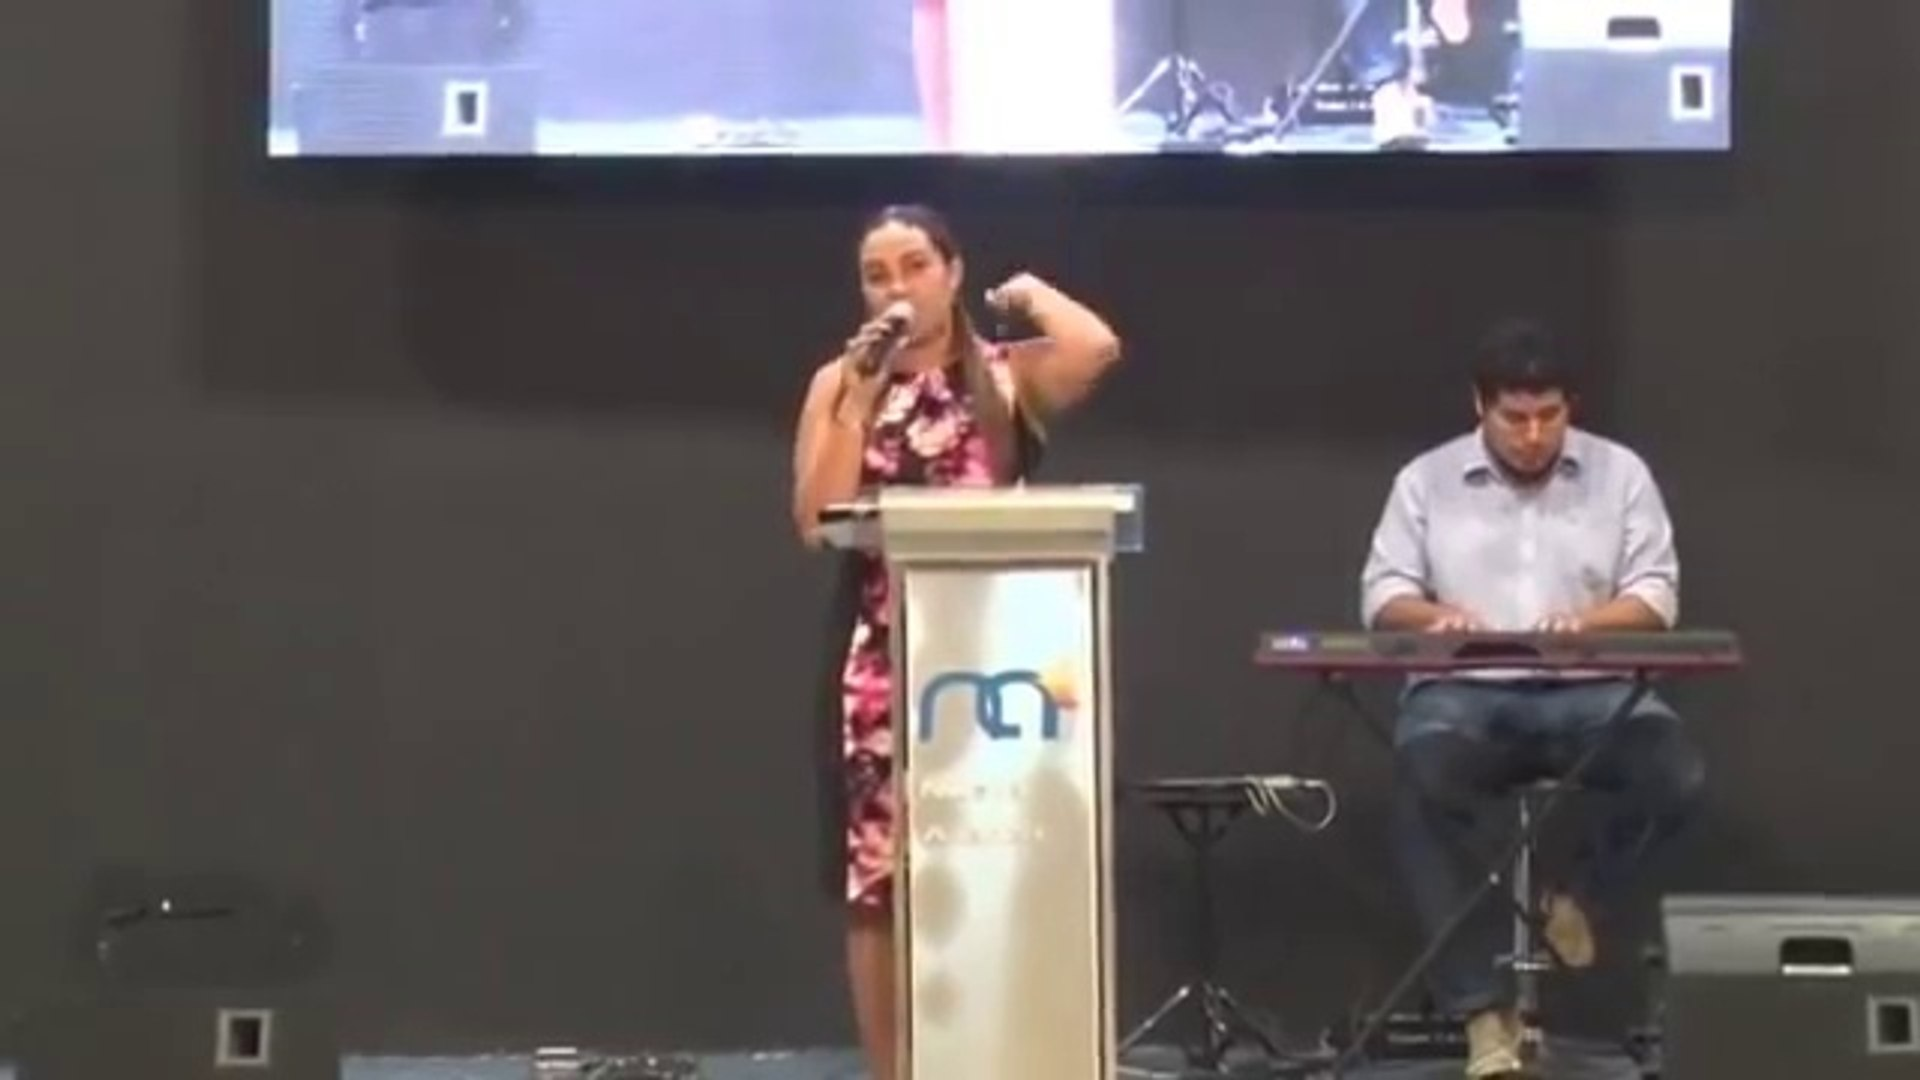 El resultado de fe y vision es la victoria - Glaucia Oliveira (Esposa de Ronny Oliveira)